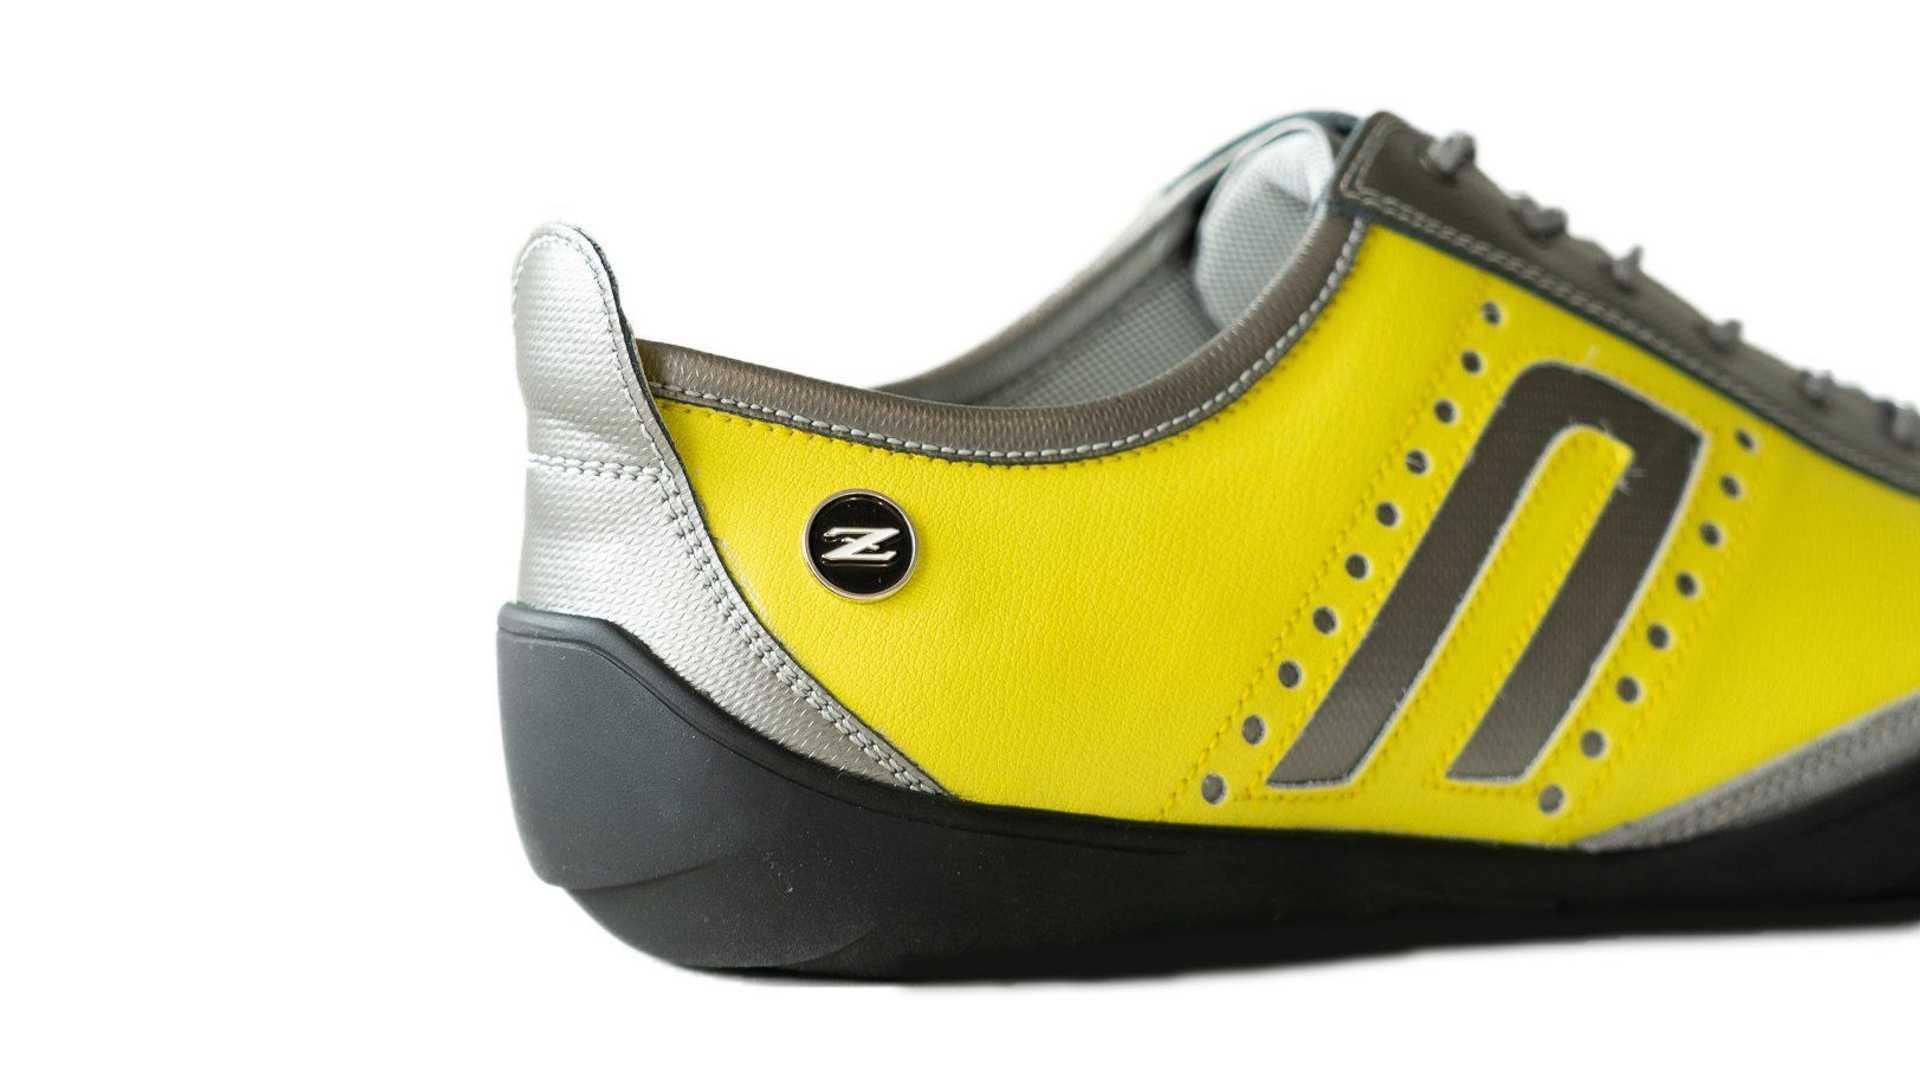 Negroni_Idea_Corsa-Nissan_Z_Shoes-0007